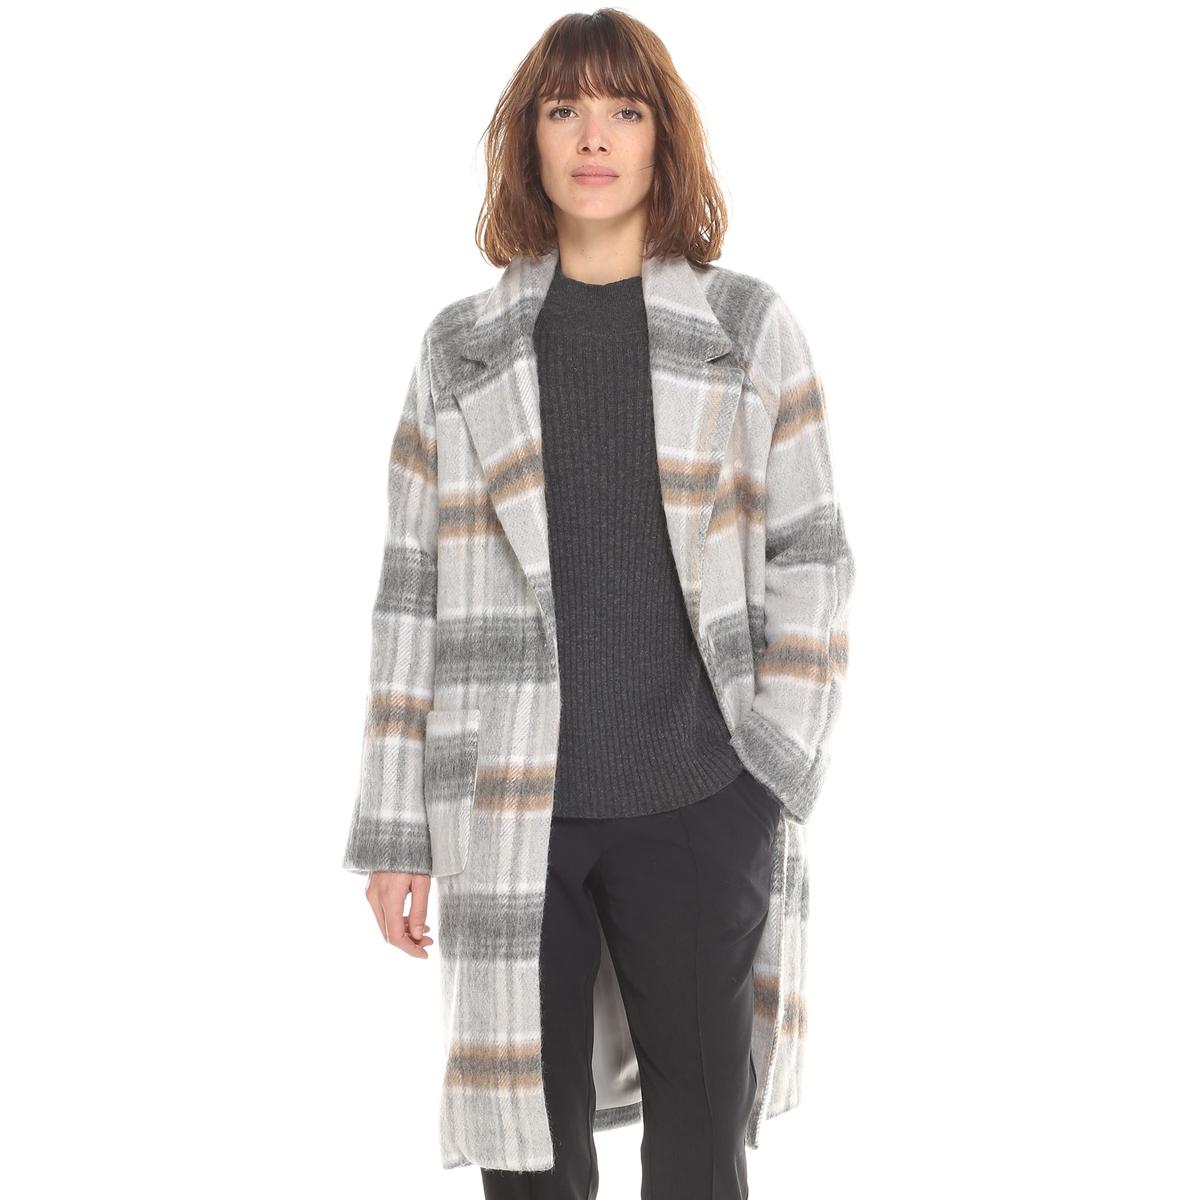 Пальто-халат женское длинное в клетку драповое длинное пальто из шерсти claudius